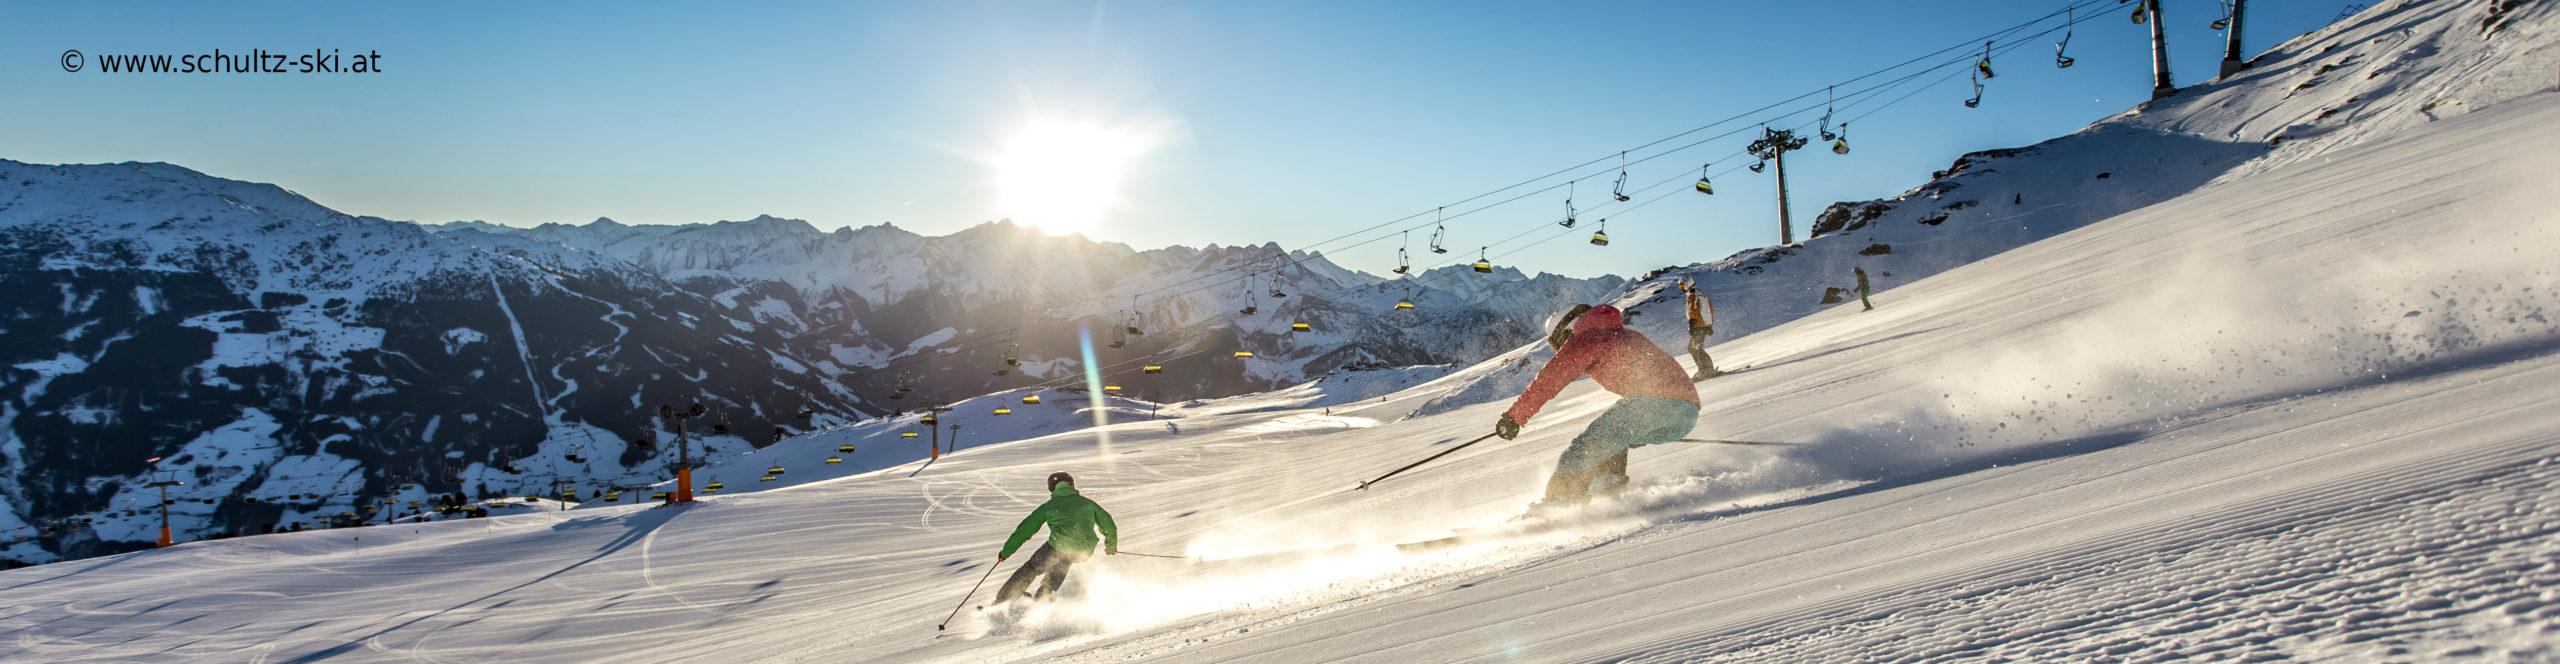 ZILLERTAL – verlängertes Skiwochenende mit 4 Skitagen – in den Faschingsferien – 4 Sterne Hotel mit Schwimmbad